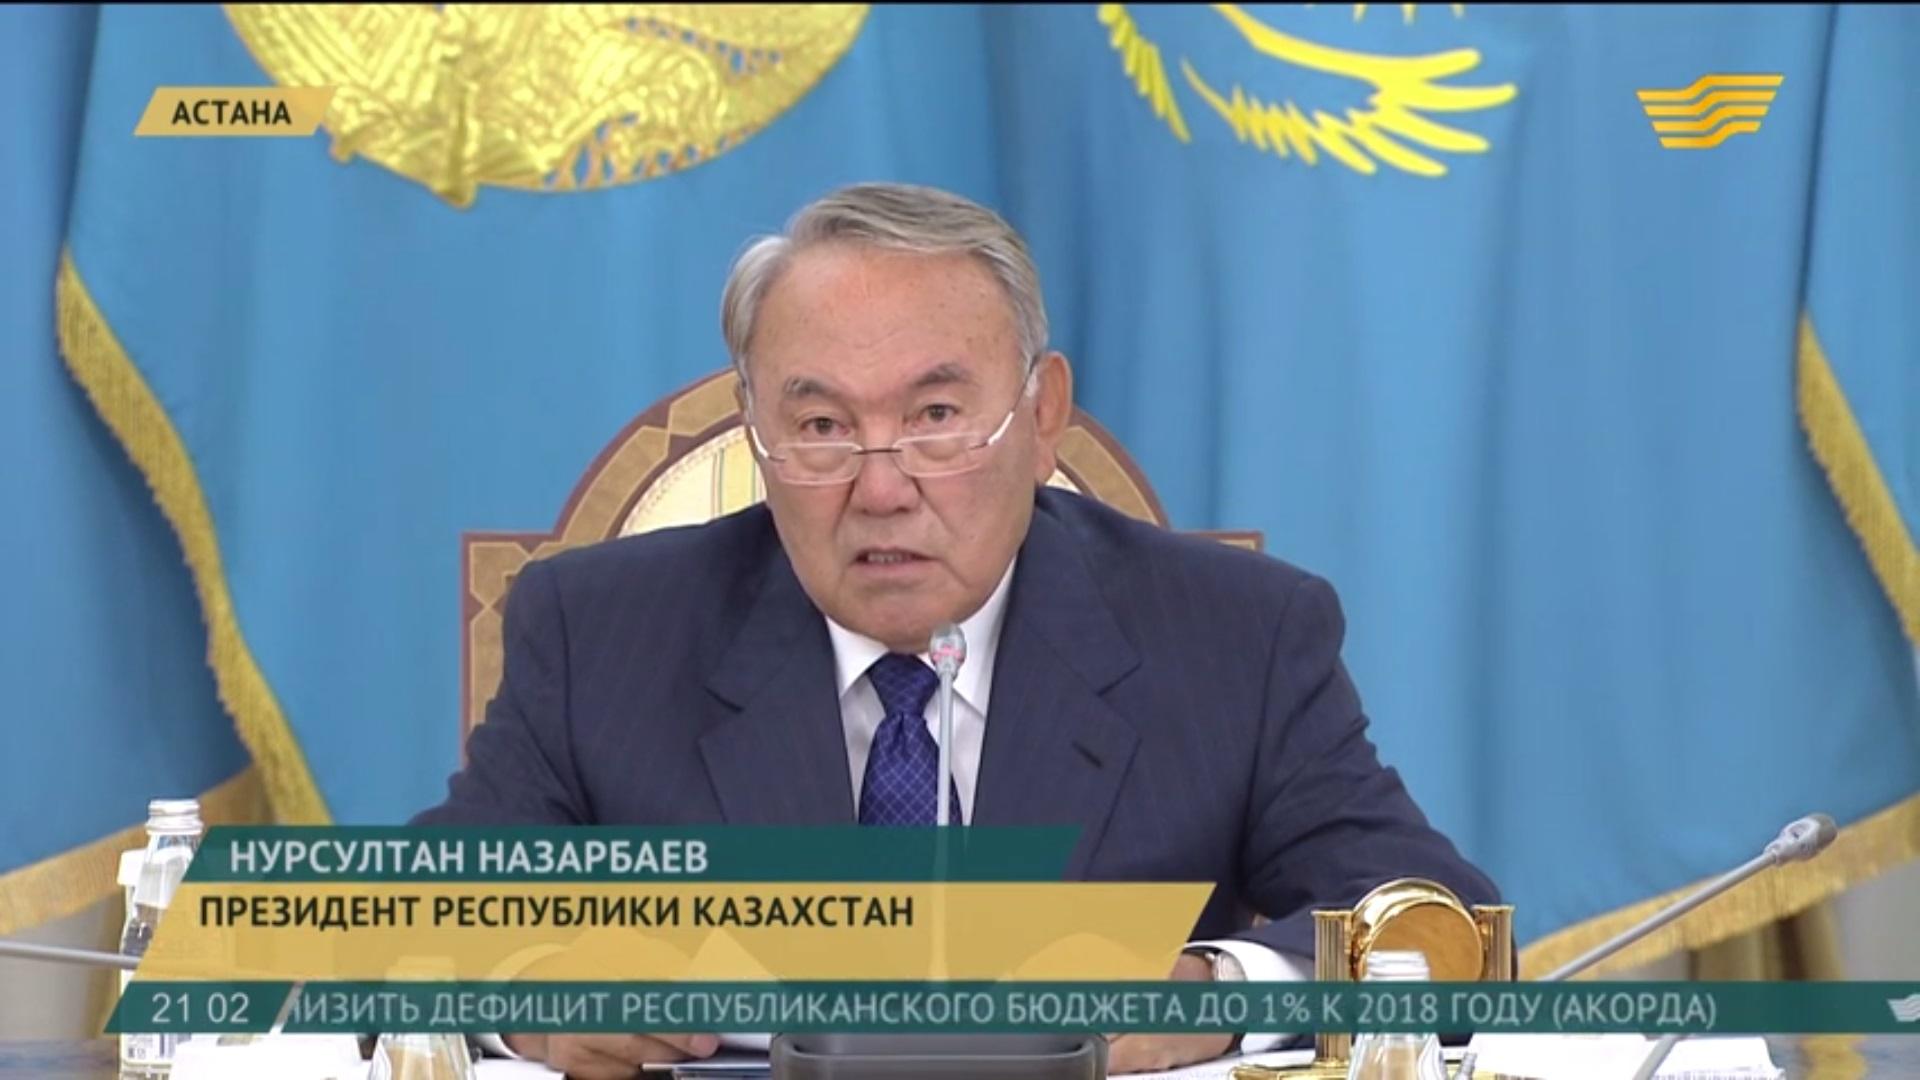 Назарбаев шокировал всех своим прогнозом ценами на нефть (ВИДЕО)